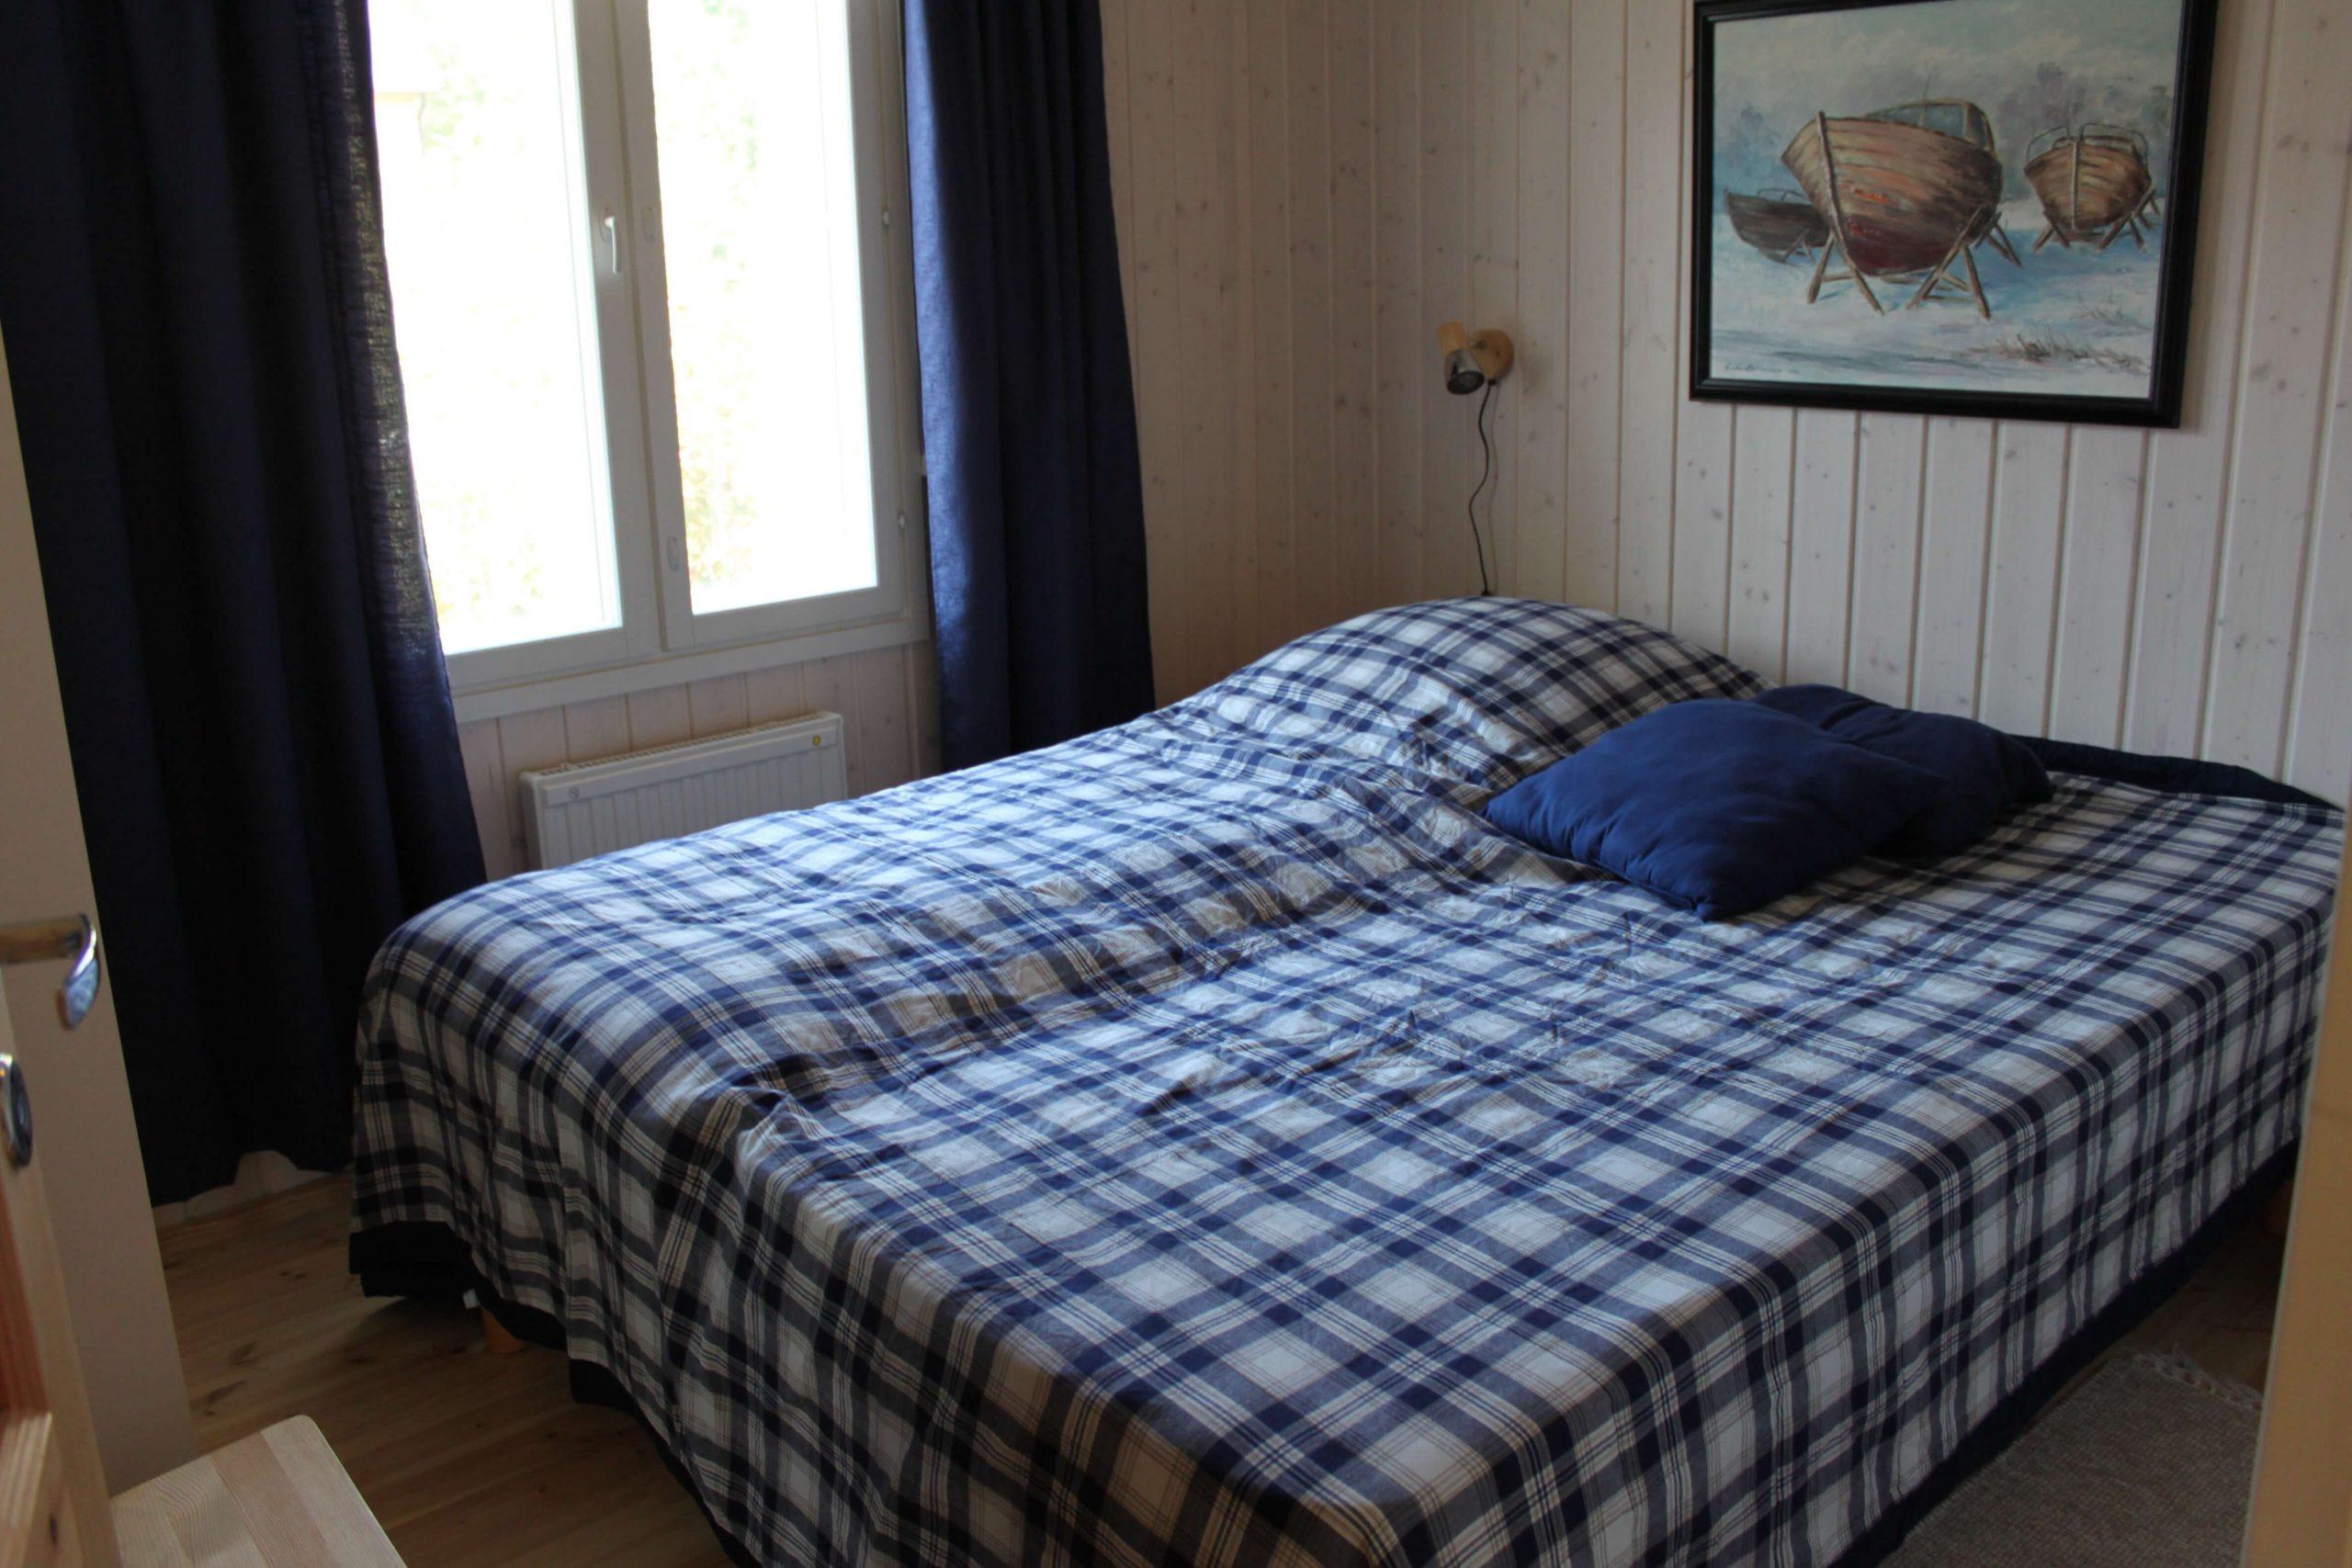 Rantakarin vuokramökin alakerrassa on makuuhuone kahdelle